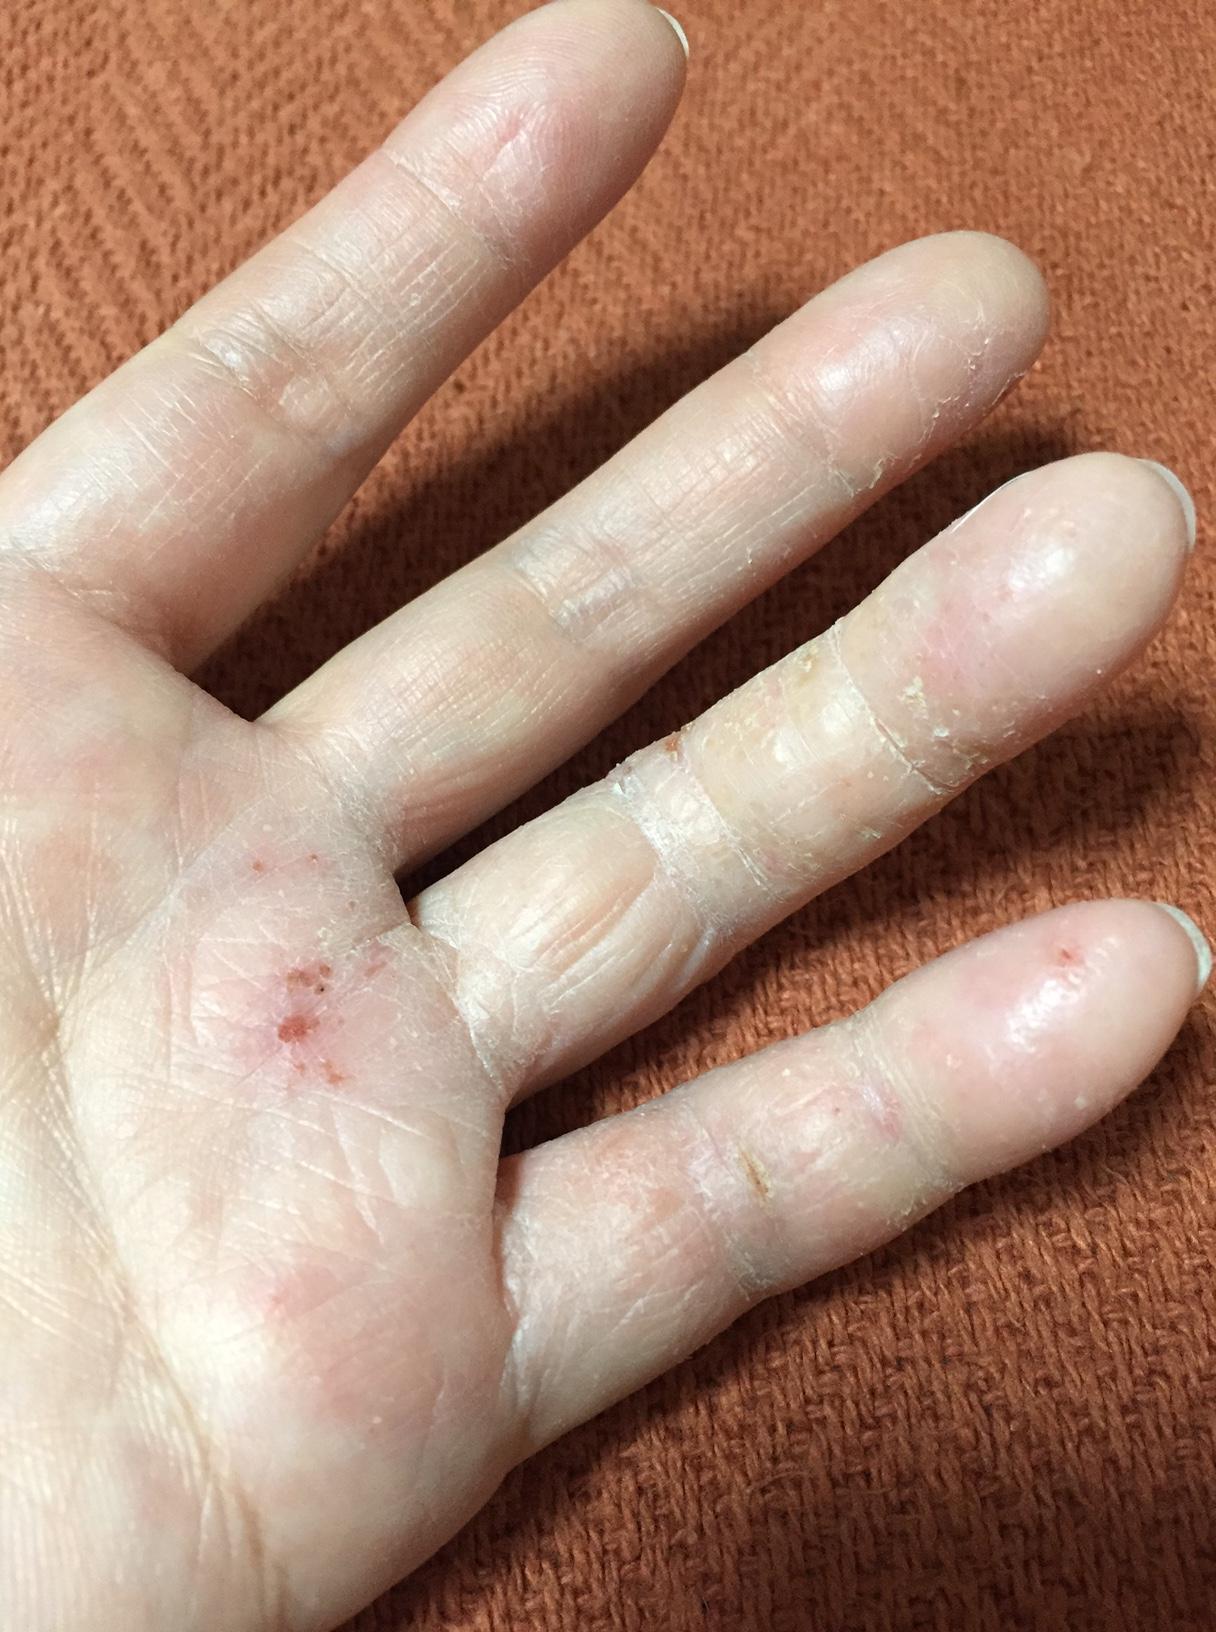 手の湿疹の正体は意外なものだった!原因不明の場合はこれを疑おう